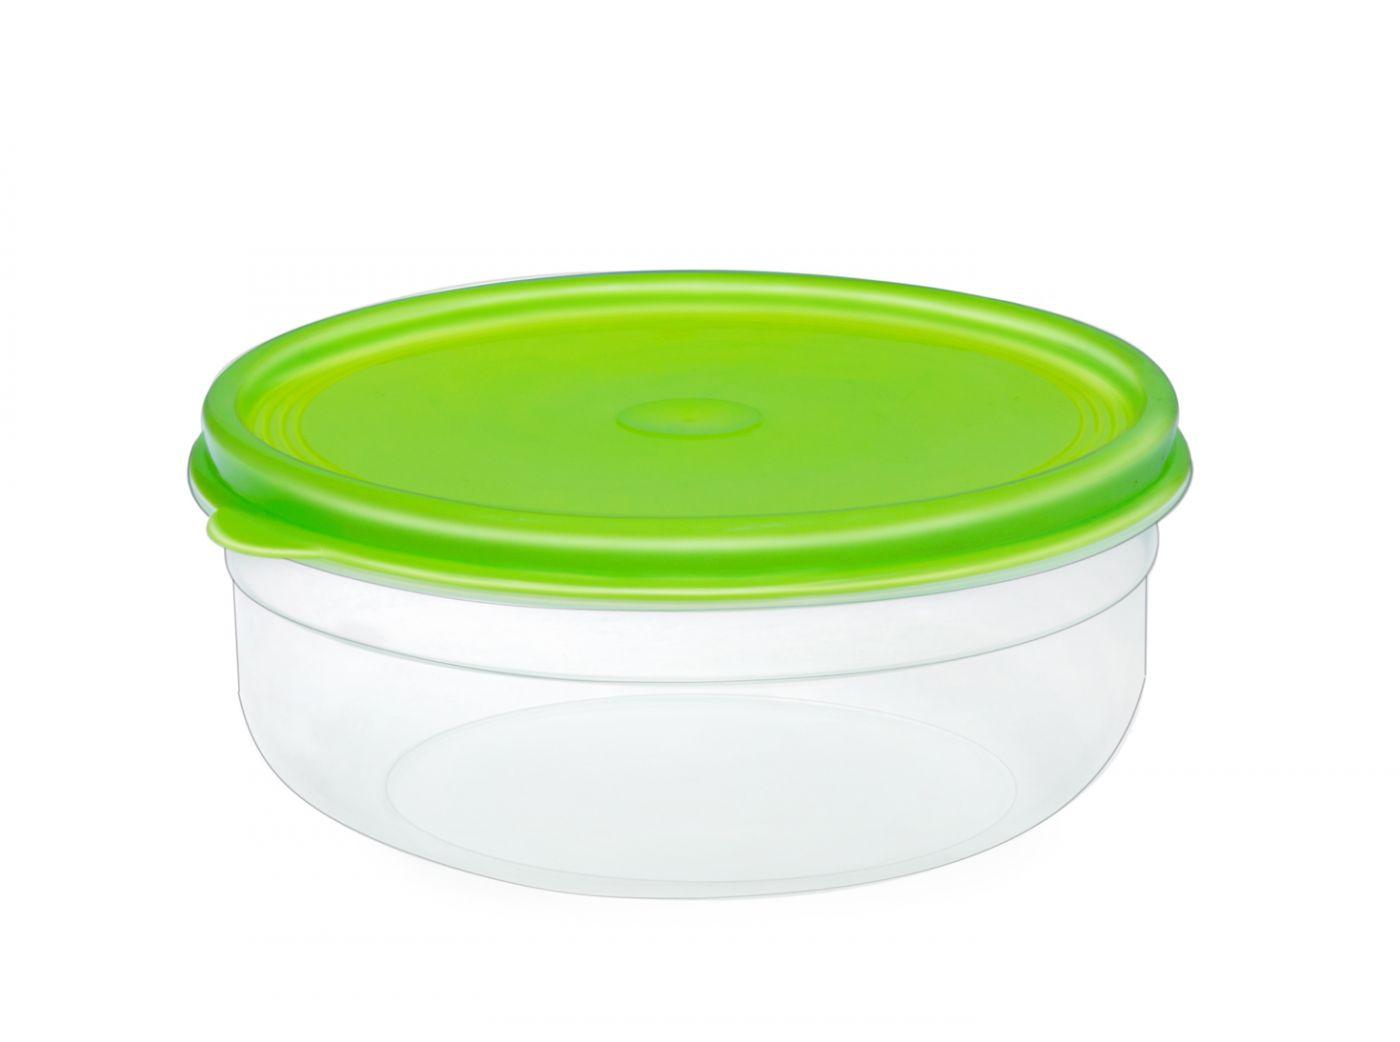 Бутербродница круглая 3 литра Эльфпласт контейнер для хранения еды с крышкой  23,5 см